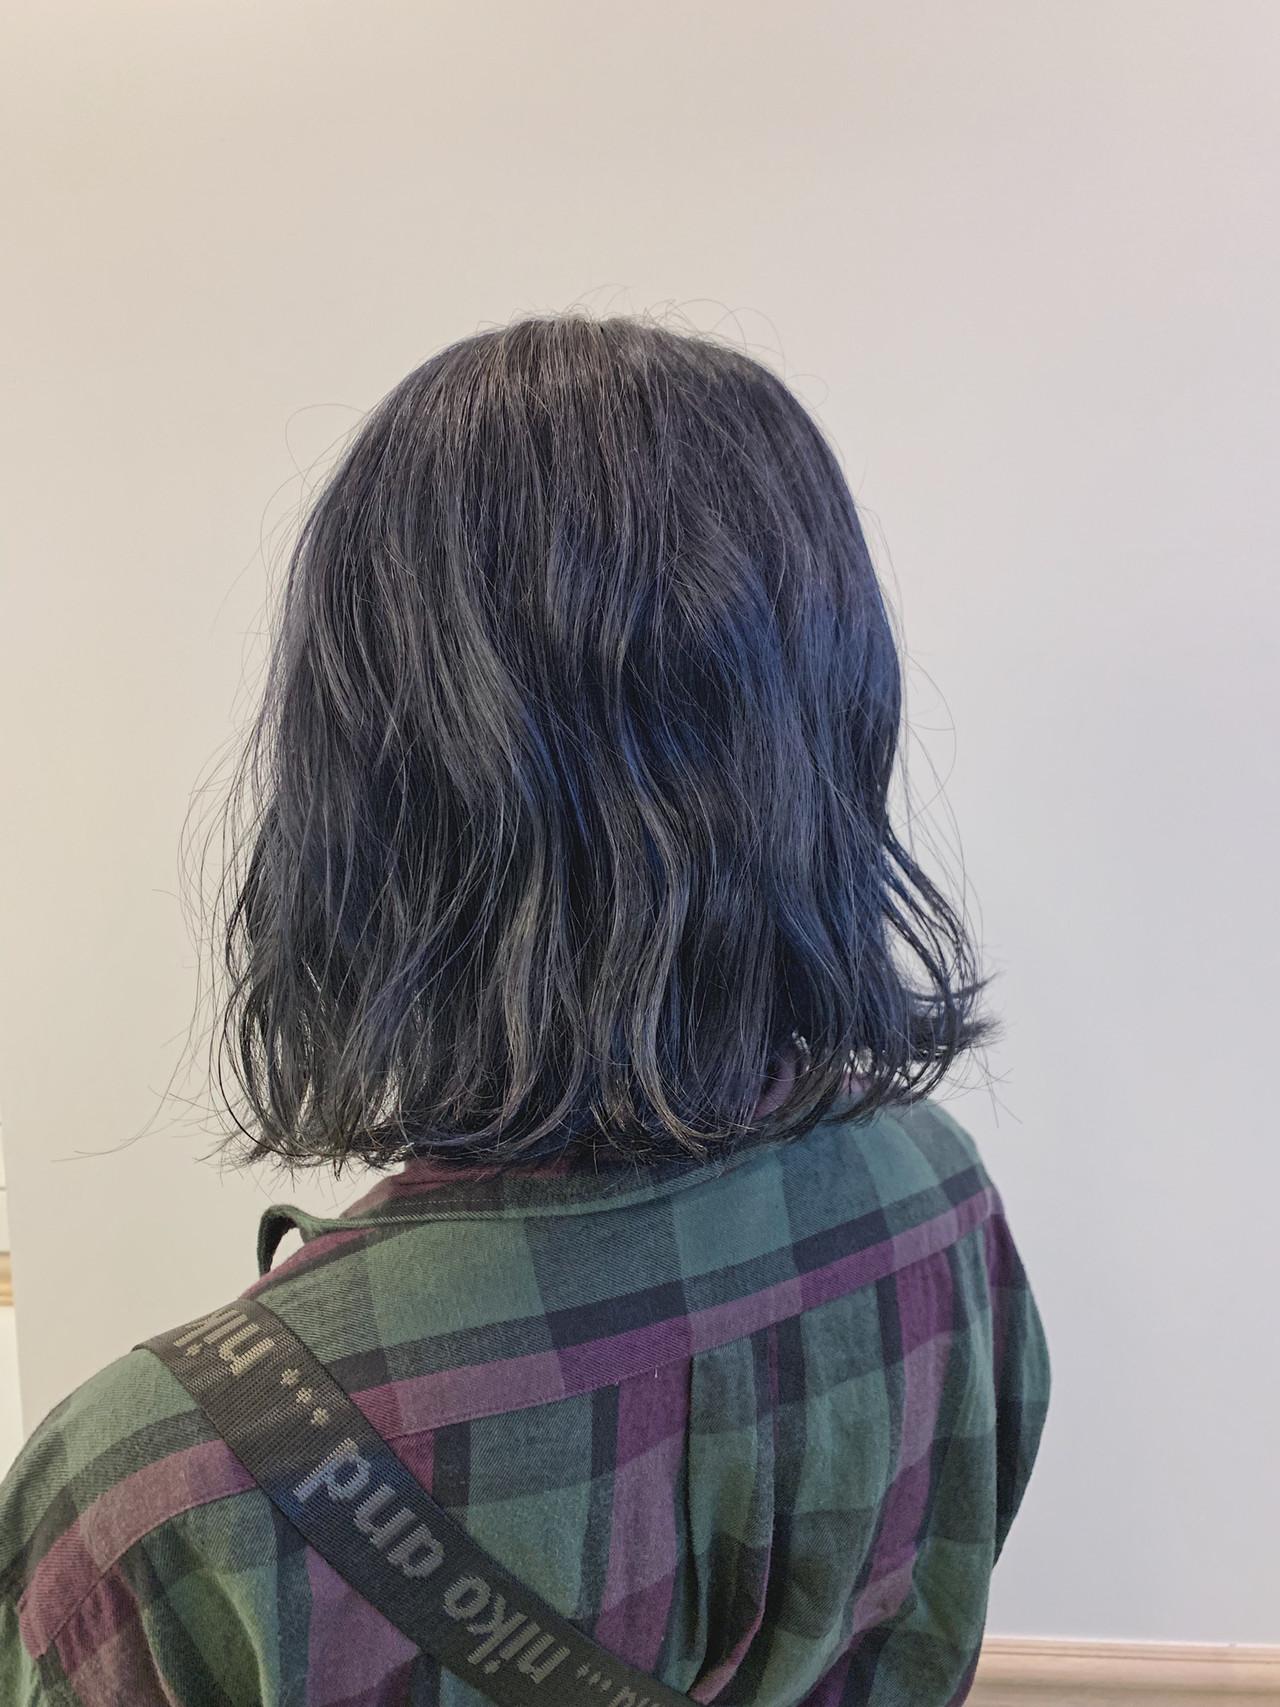 ダブルカラー ナチュラル ブルーアッシュ 可愛いヘアスタイルや髪型の写真・画像